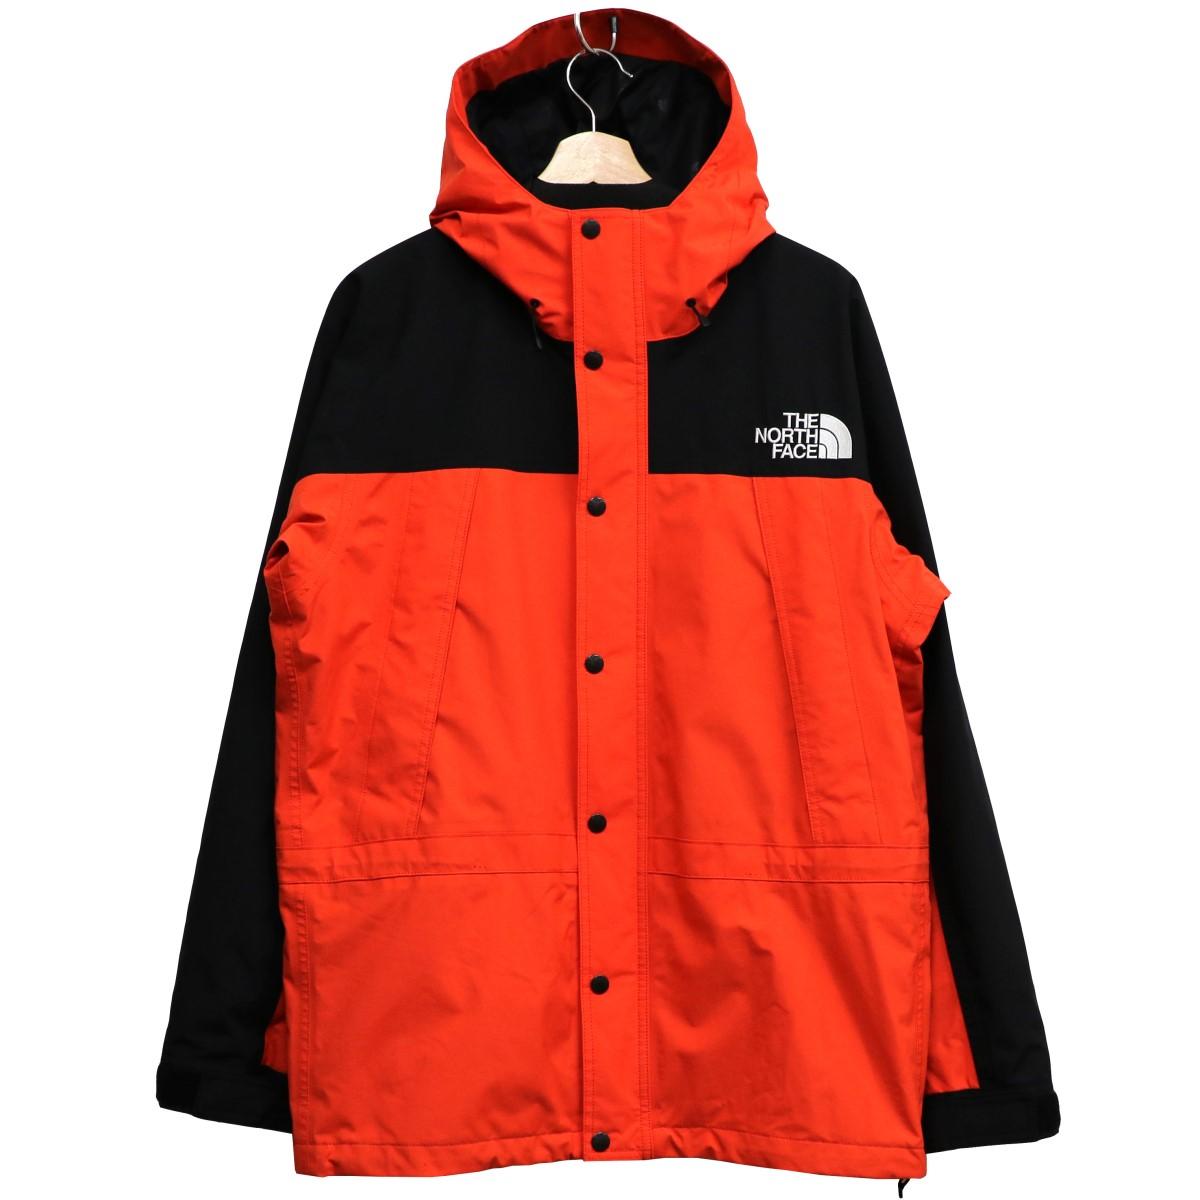 【中古】THE NORTH FACE 18AW Mountain Light Jacket GORE-TEXマウンテンライトジャケット ファイアリーレッド サイズ:L 【020520】(ザノースフェイス)